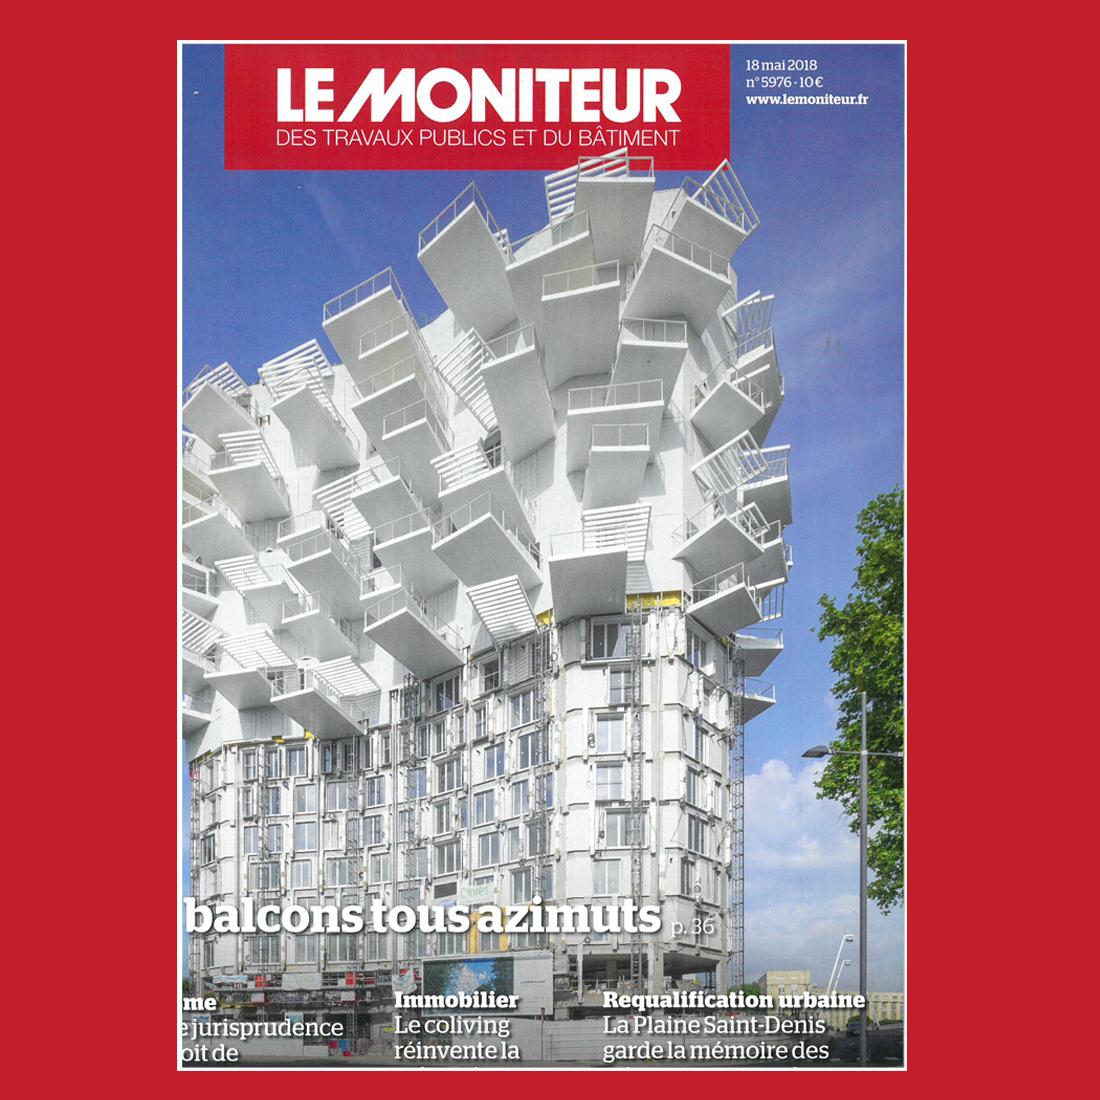 Le Moniteur N°5976 | Brenac & Gonzalez et Associés